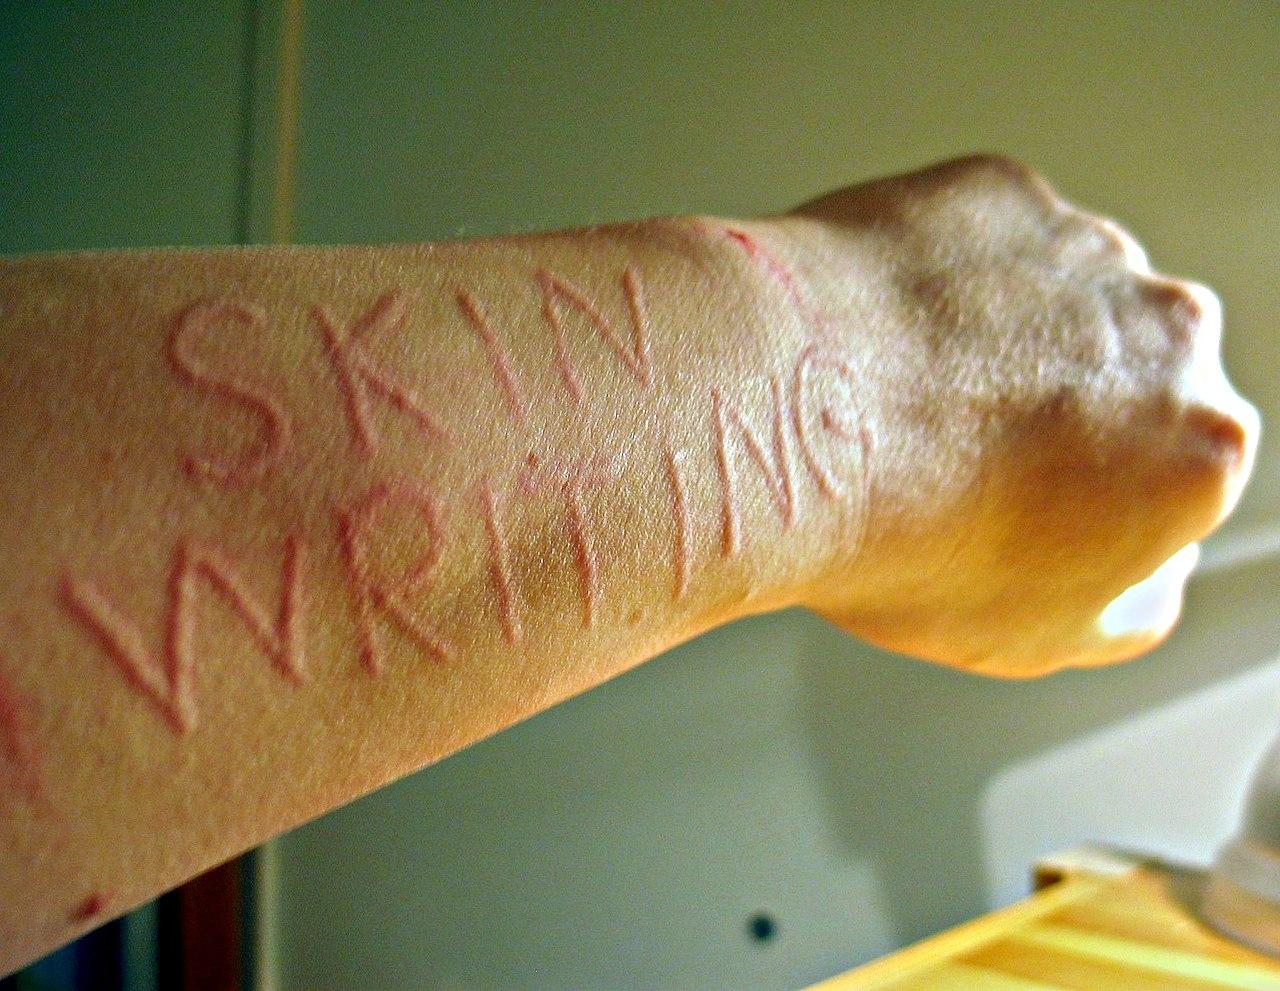 File:Skin writing01 jpg - Wikimedia Commons